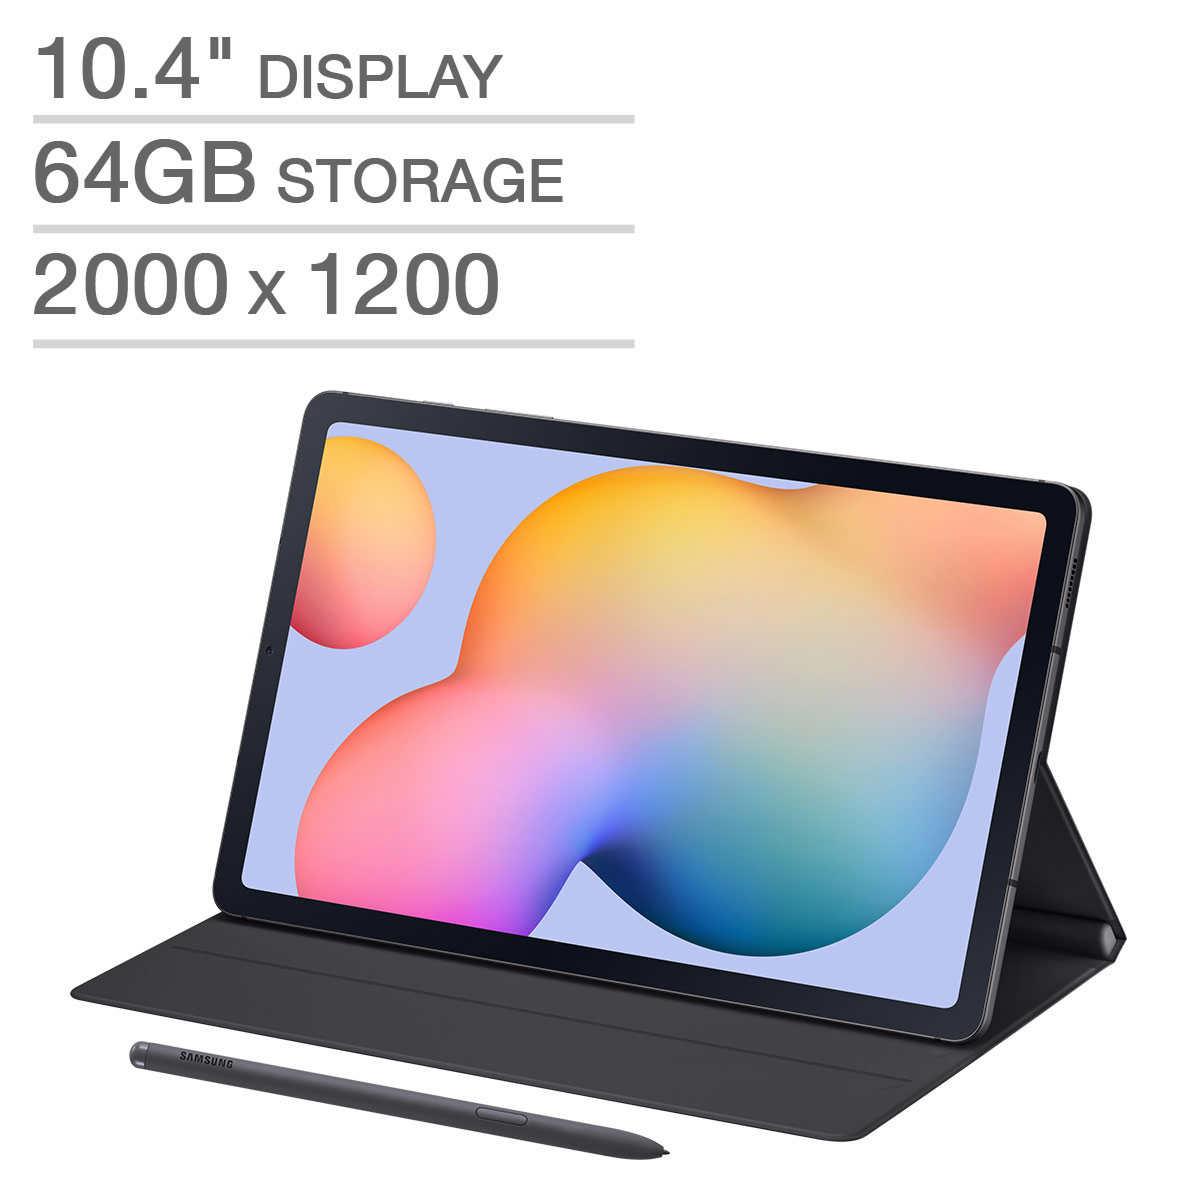 삼성 갤럭시탭S6 라이트 64GB 10.4 인치 WiFi SM-P610 펜포함 정품 북커버 무료 증정